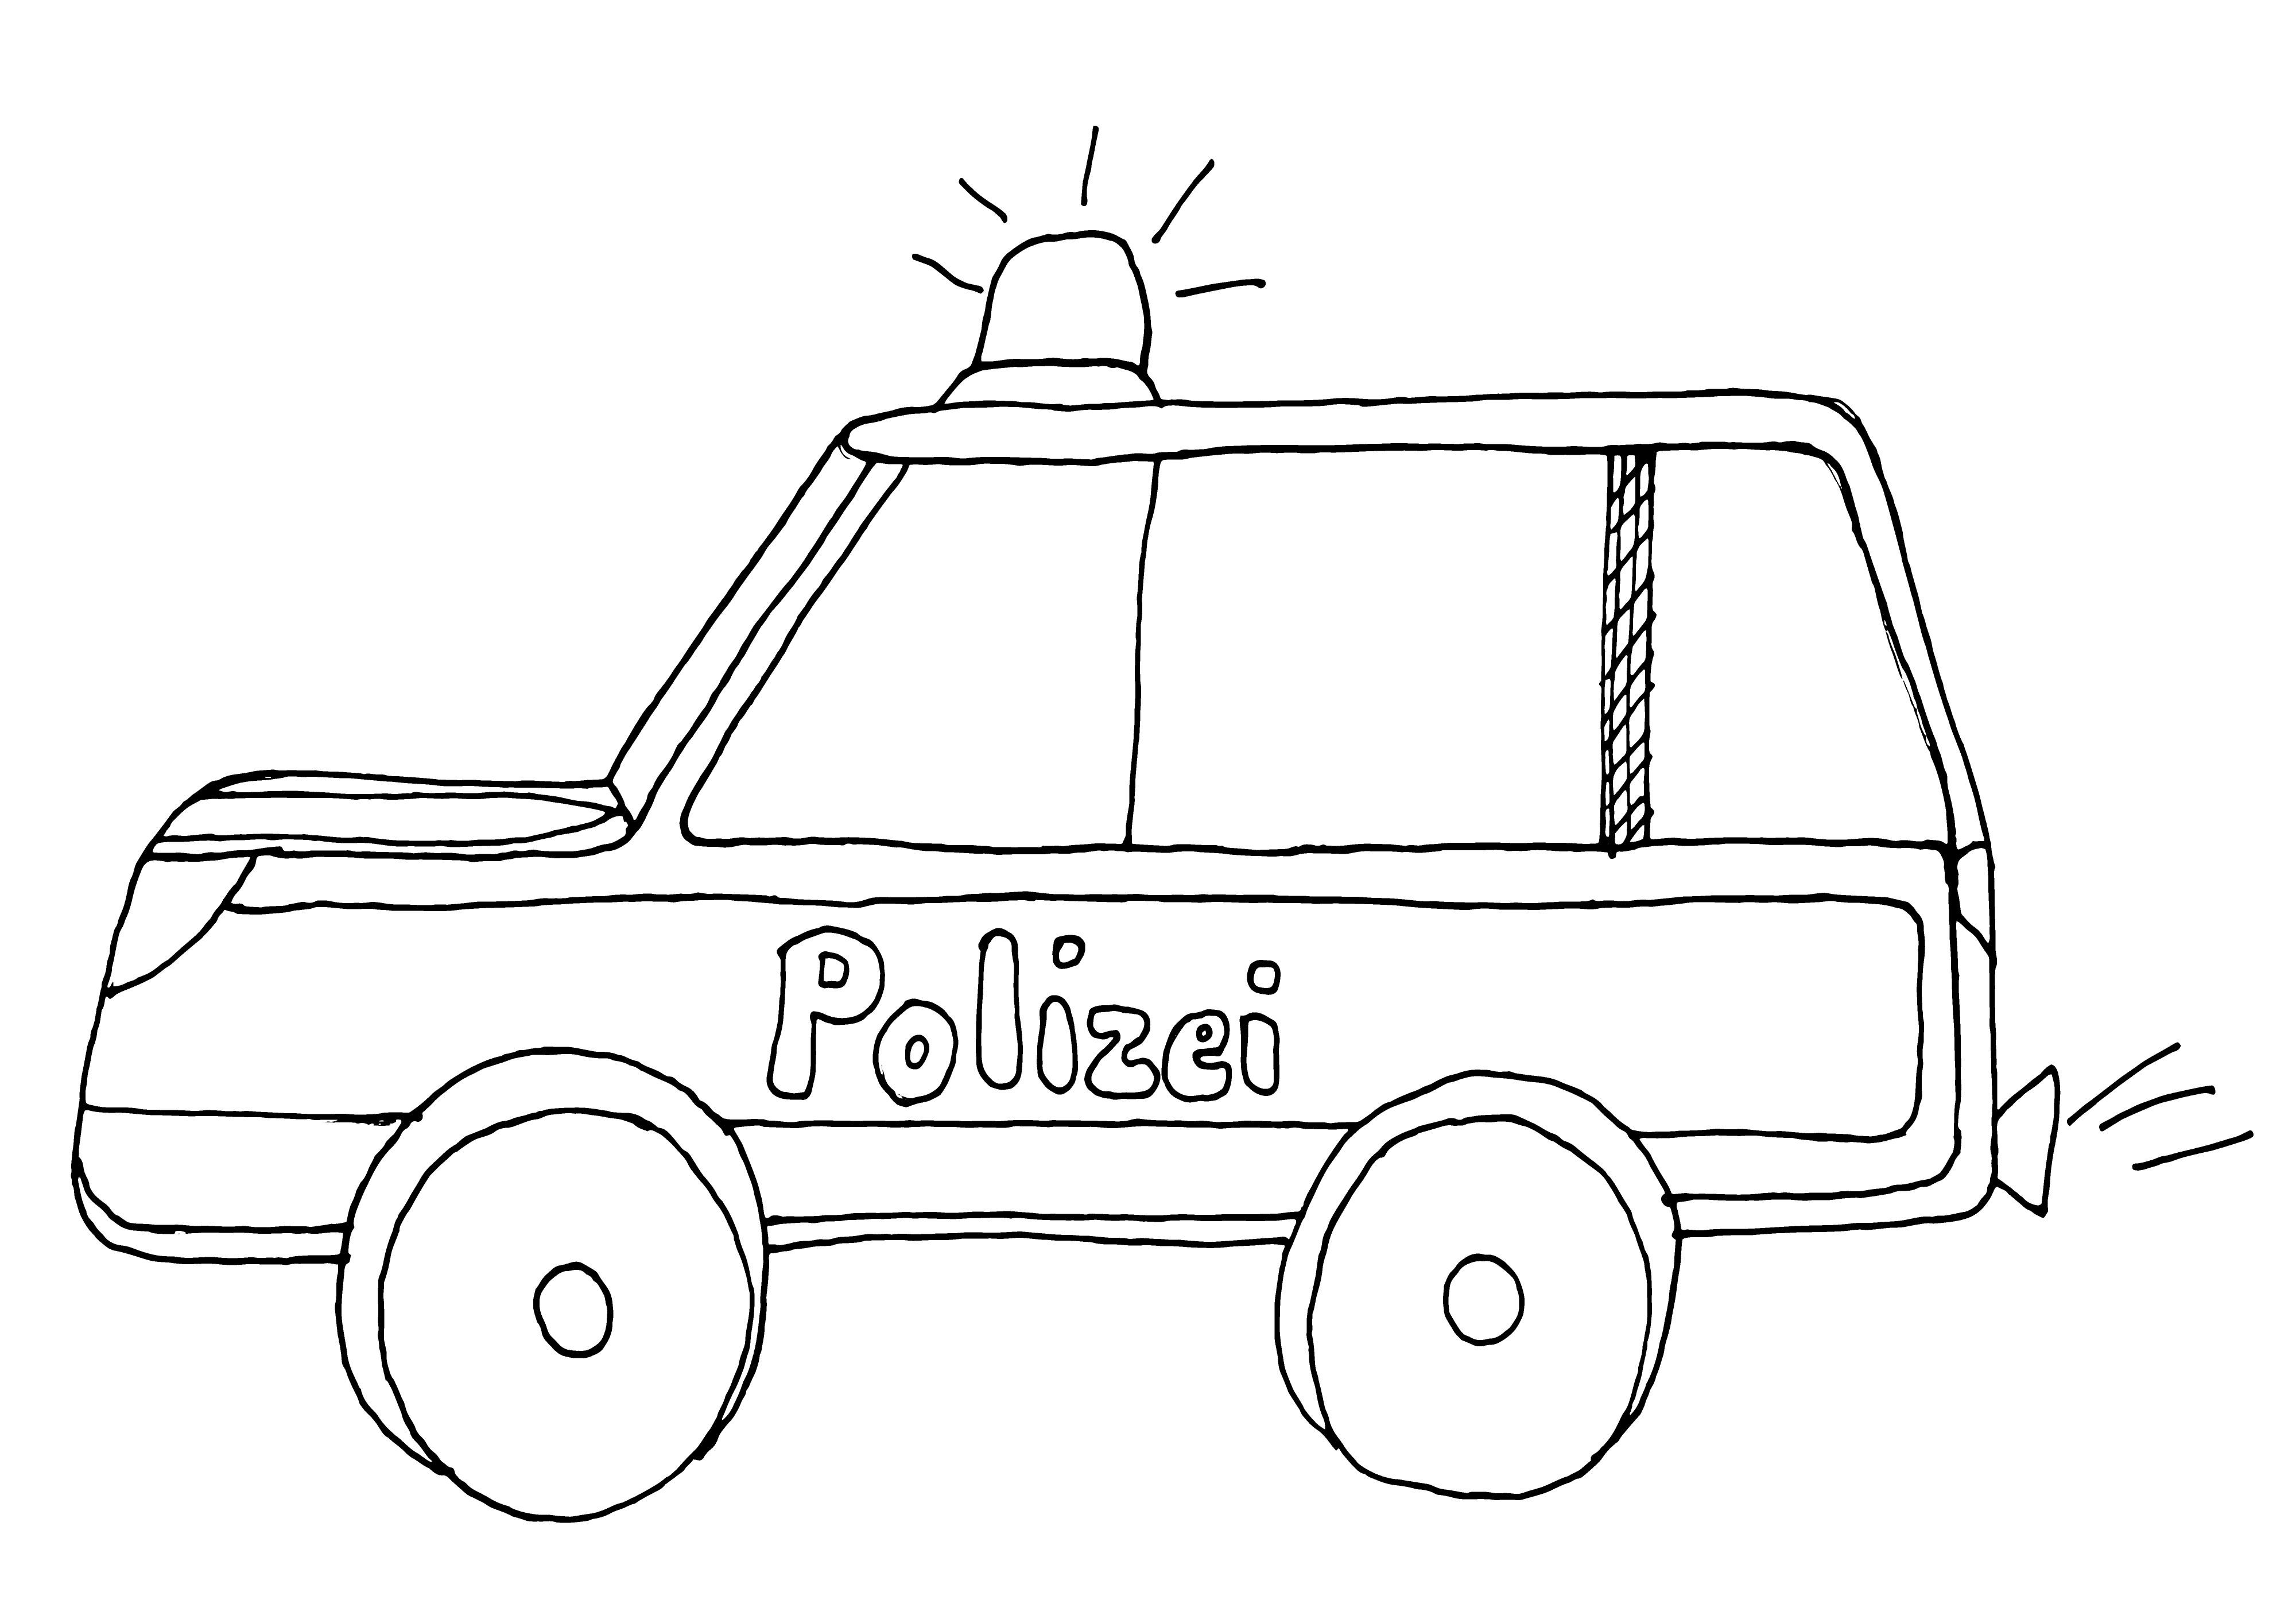 Ausmalbilder Polizei Und Feuerwehr Das Beste Von Polizeiauto Mit Blaulicht Ausmalbild Polizei Sammlung